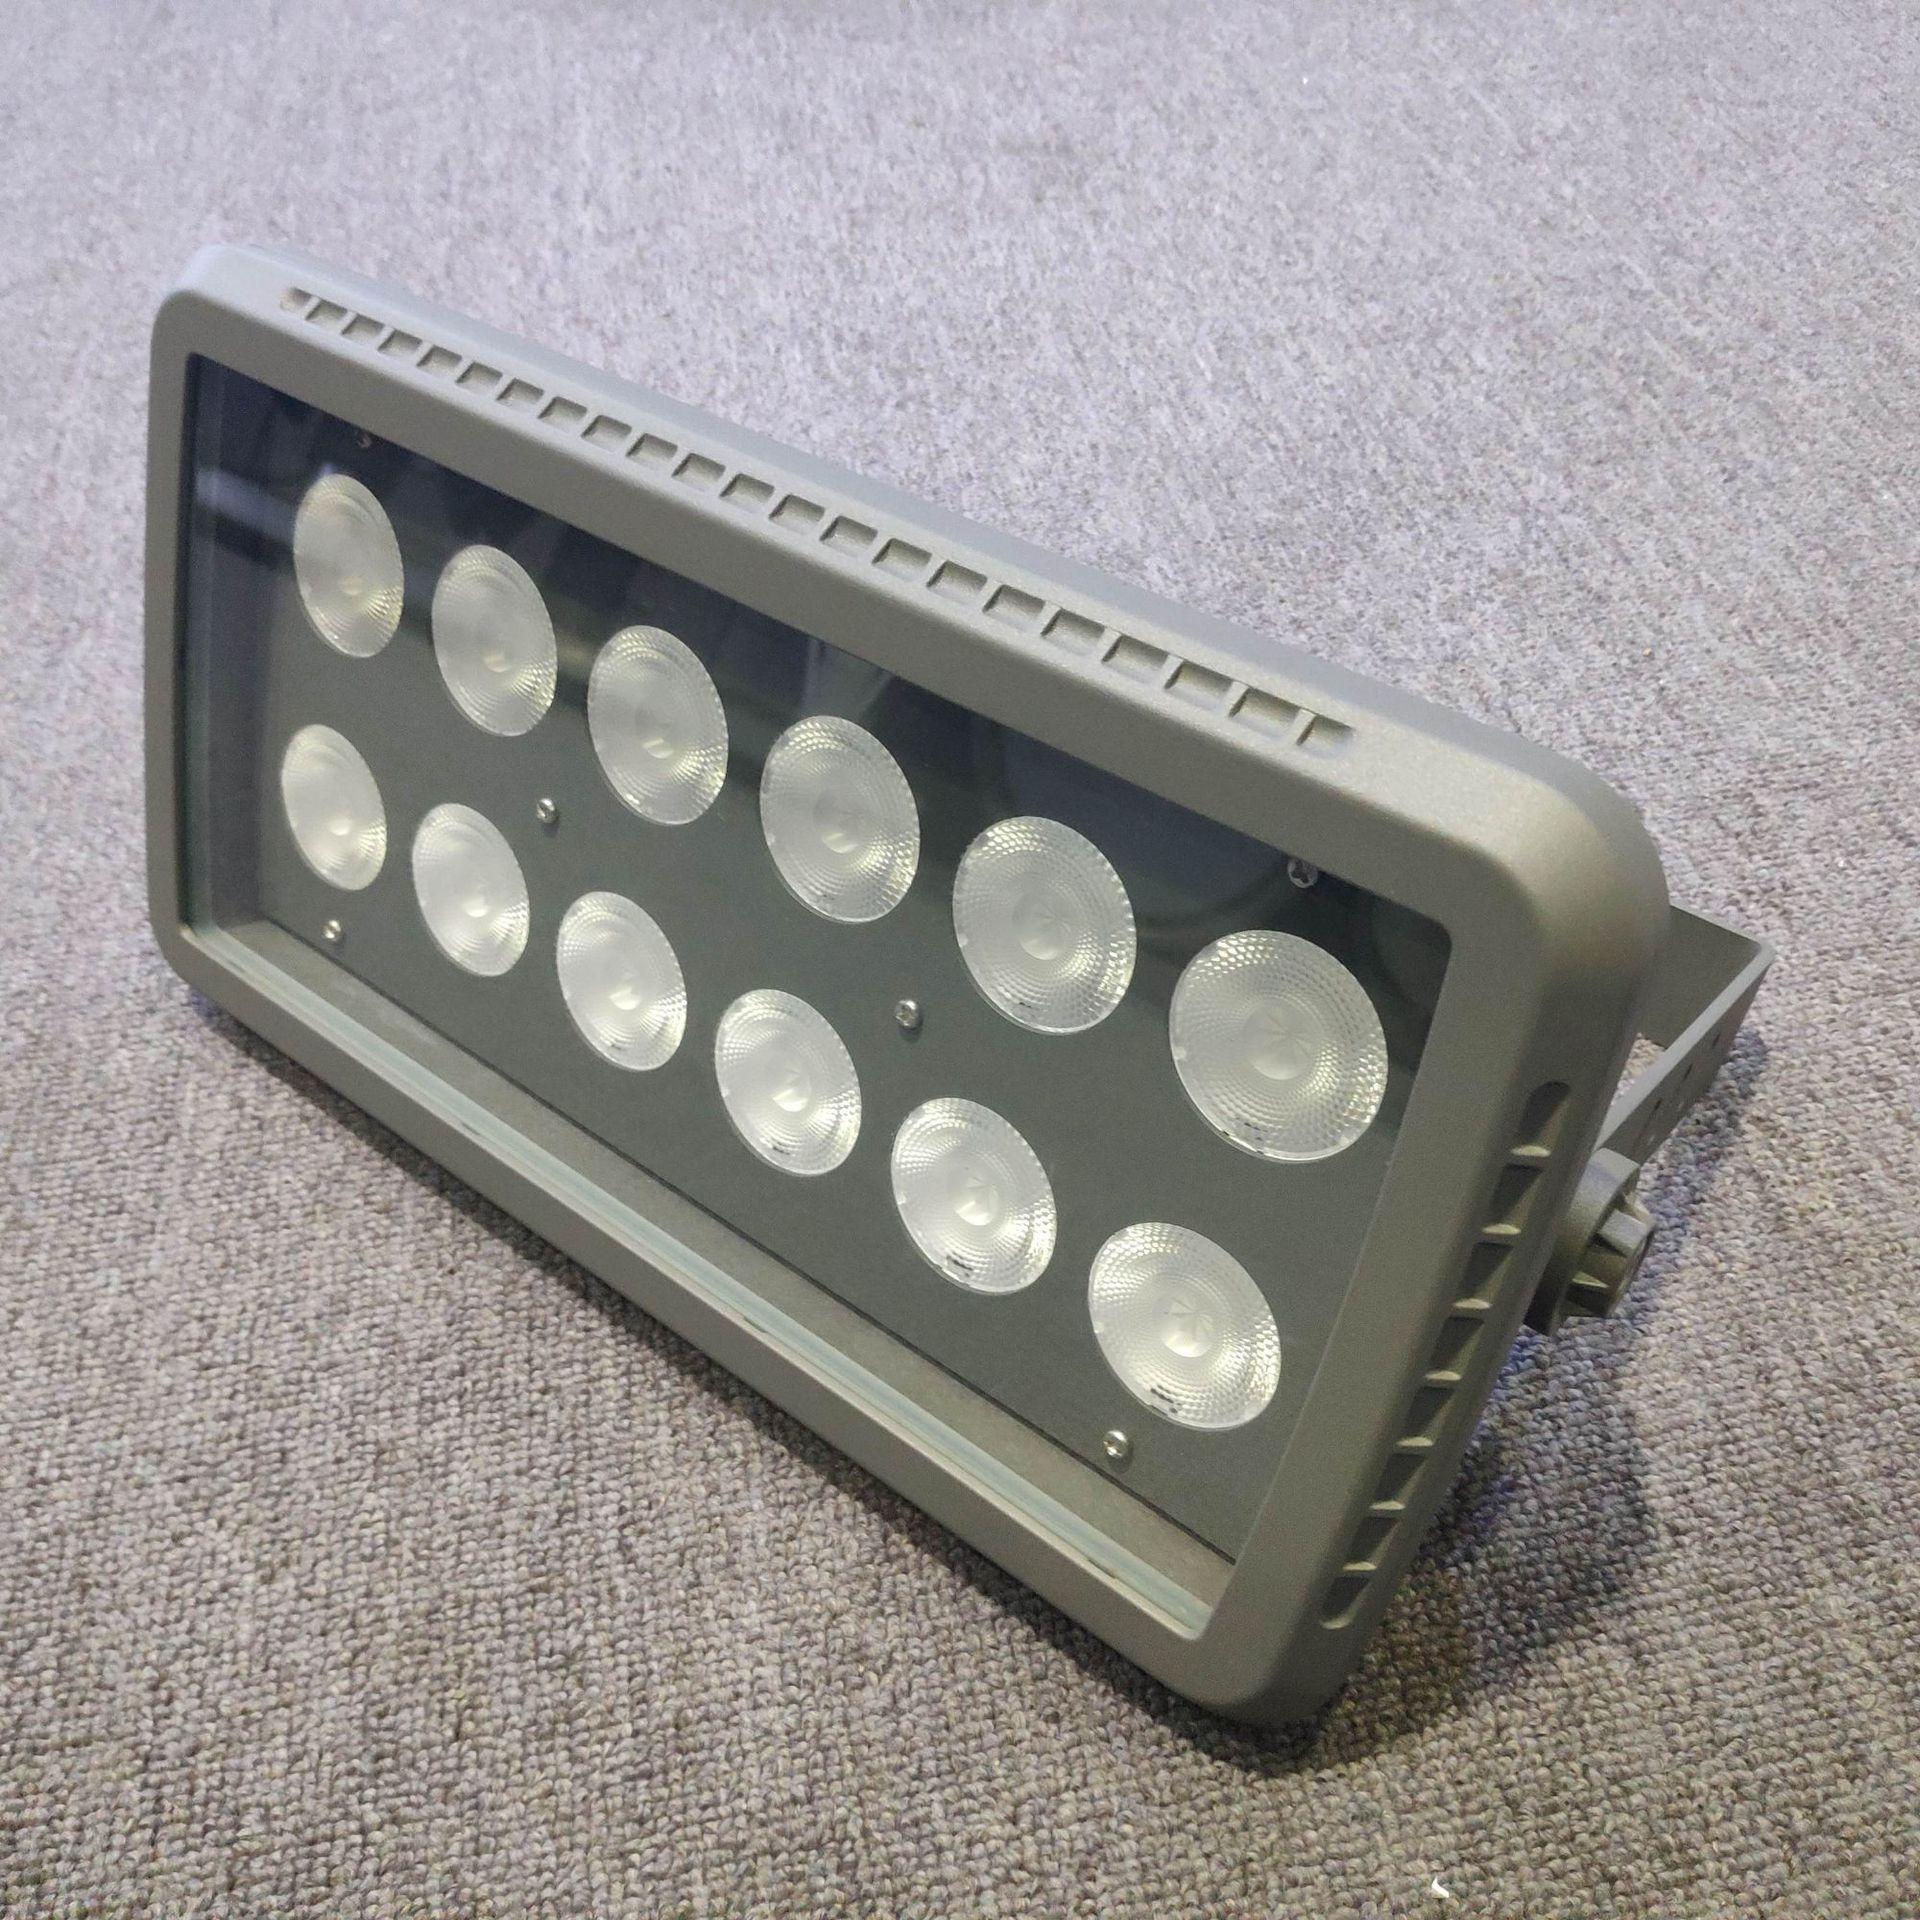 MANSUOLUO Vỏ chụp đèn chiếu điểm Đèn pha bao vây ngoài trời đèn pha kit ngoài trời đèn led bao vây d